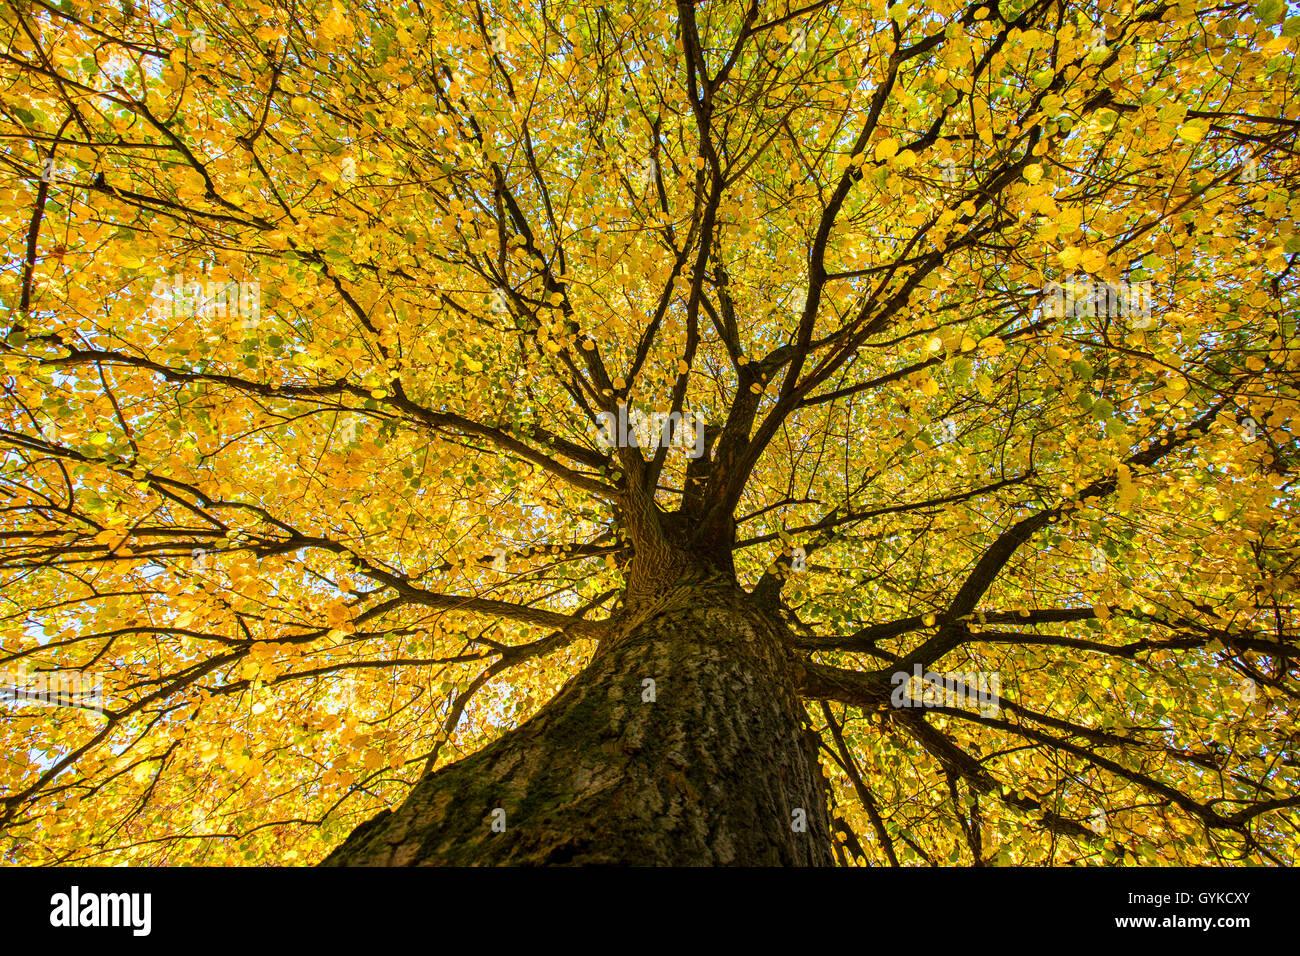 Sommerlinde, Sommer-Linde, Grossblaettrige Linde (Tilia platyphyllos), Blick von unten in die herbstliche Baumkrone, Stock Photo